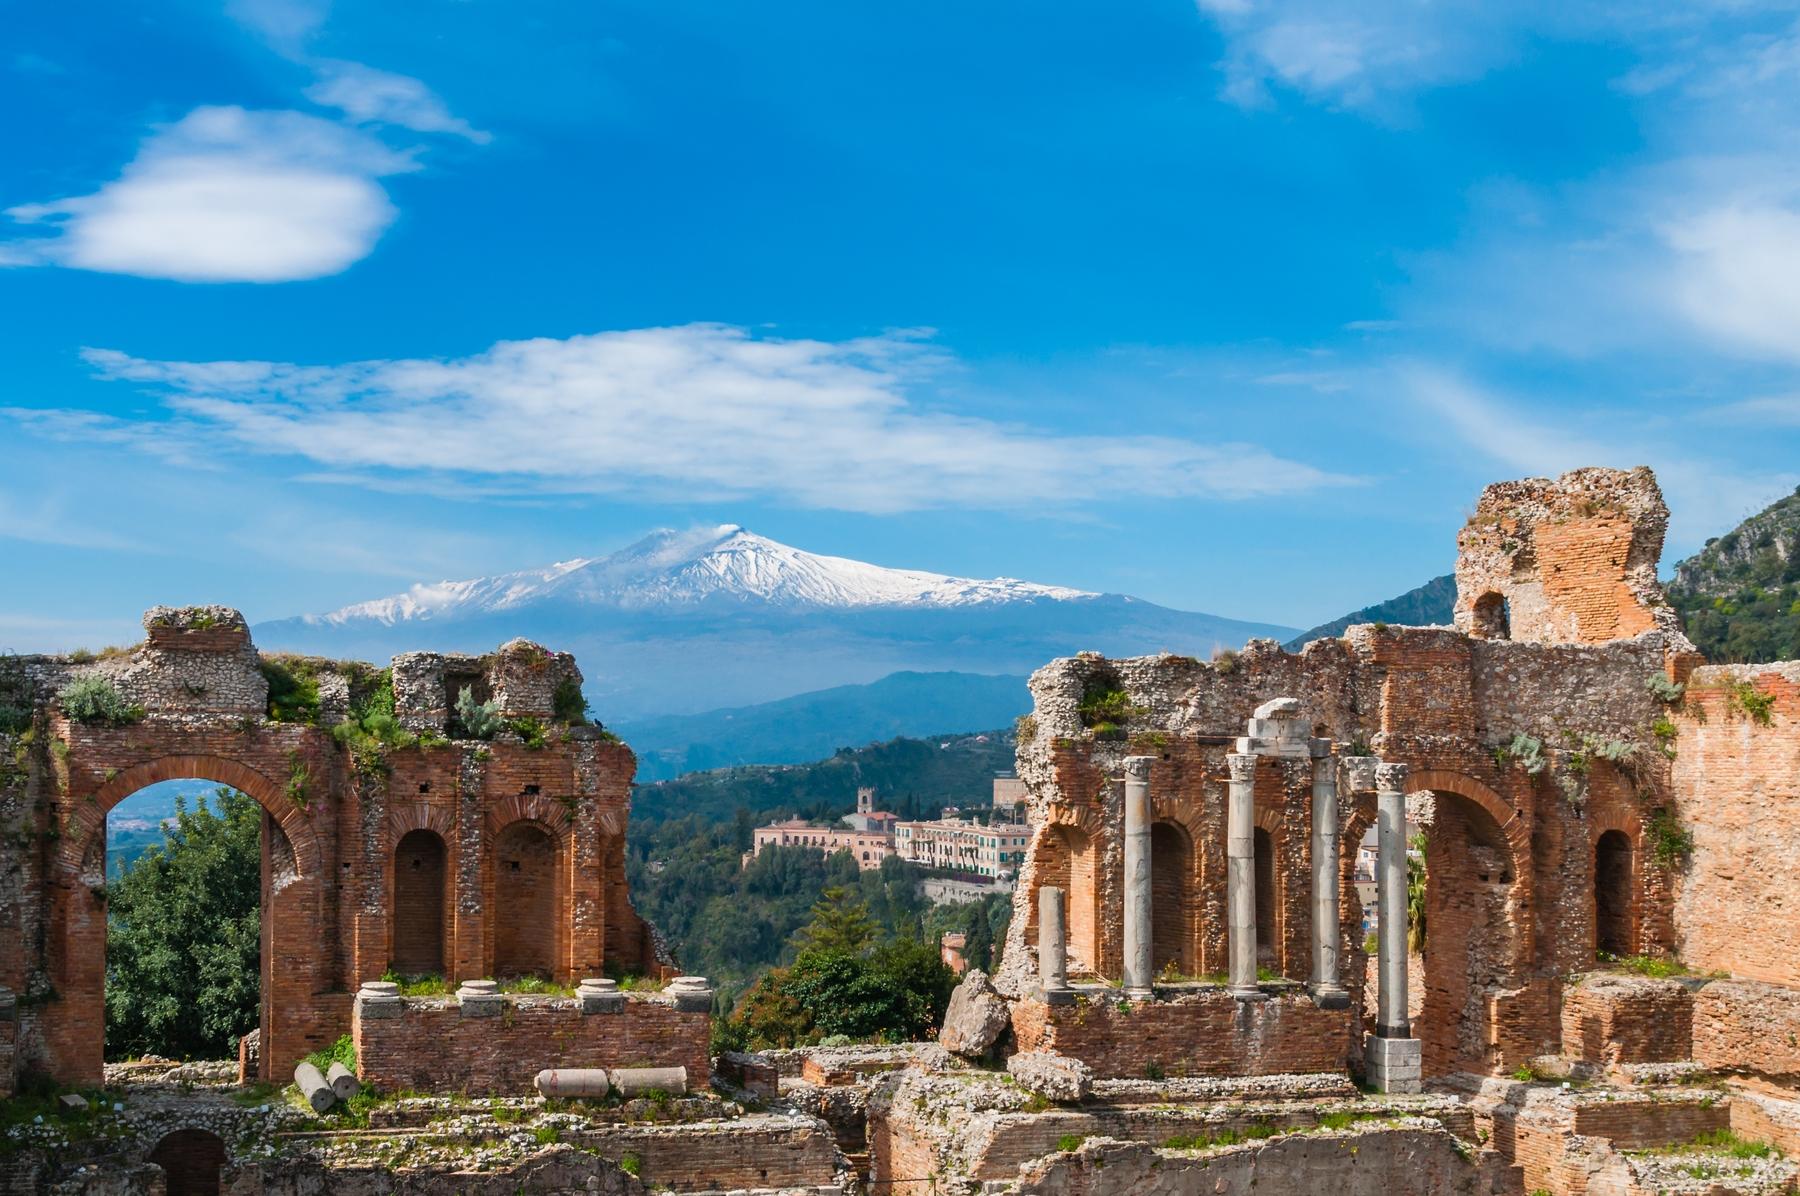 Posti da visitare in Italia: Etna, Sicilia